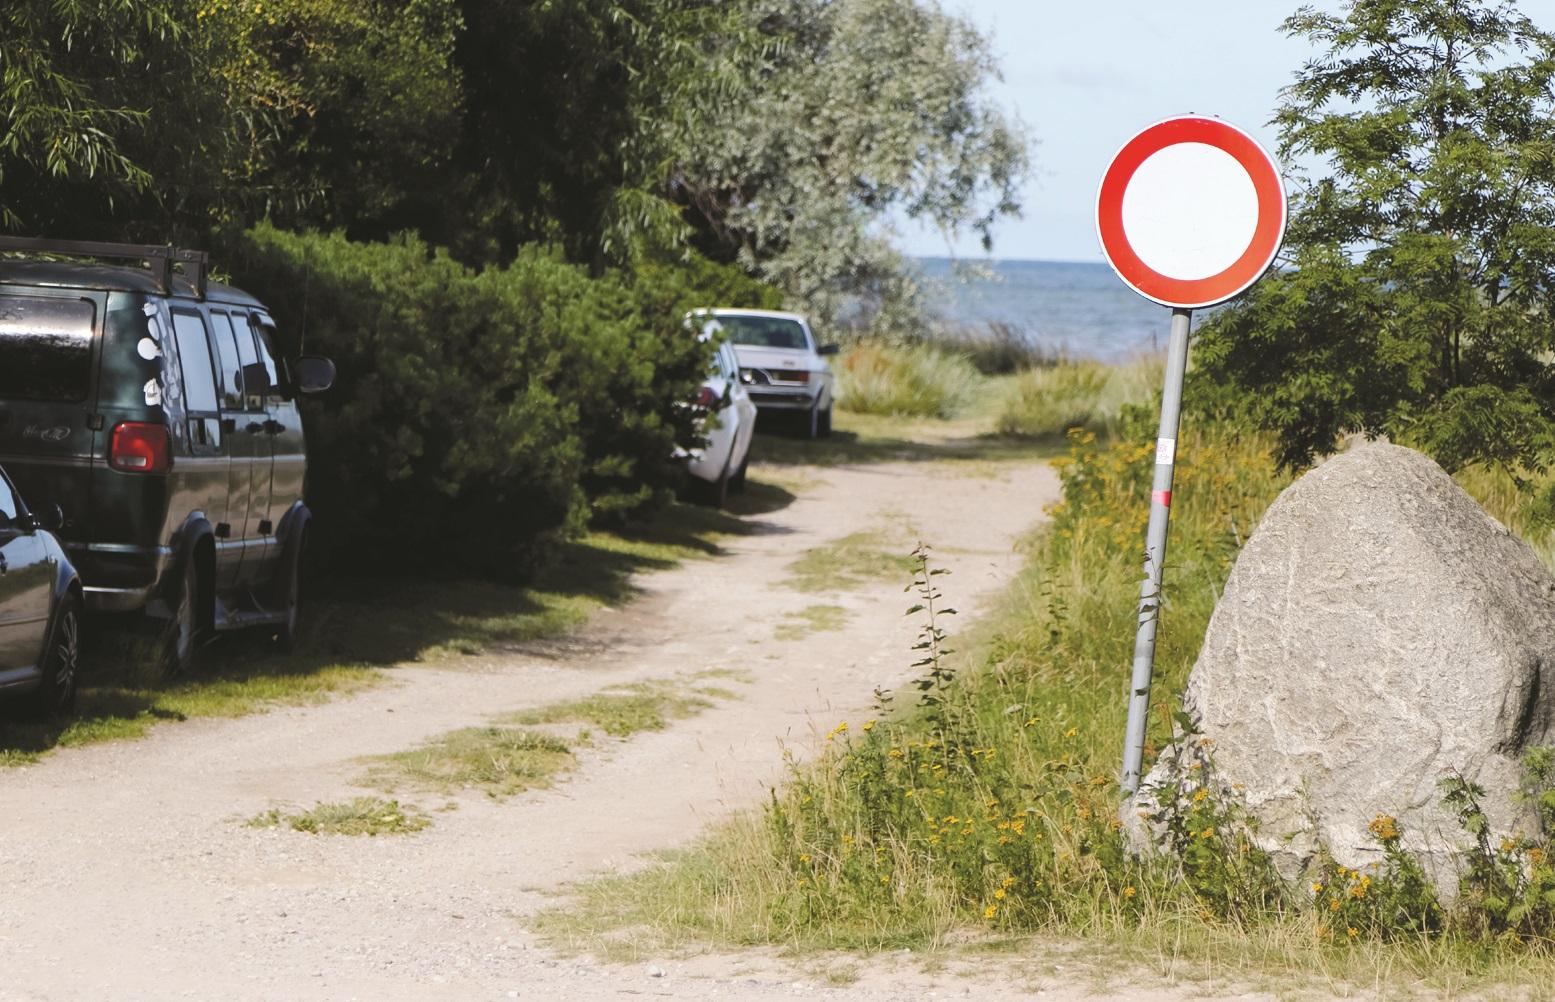 Из отдыхающего – в нарушители, автомашины размещают даже в запрещенных местах